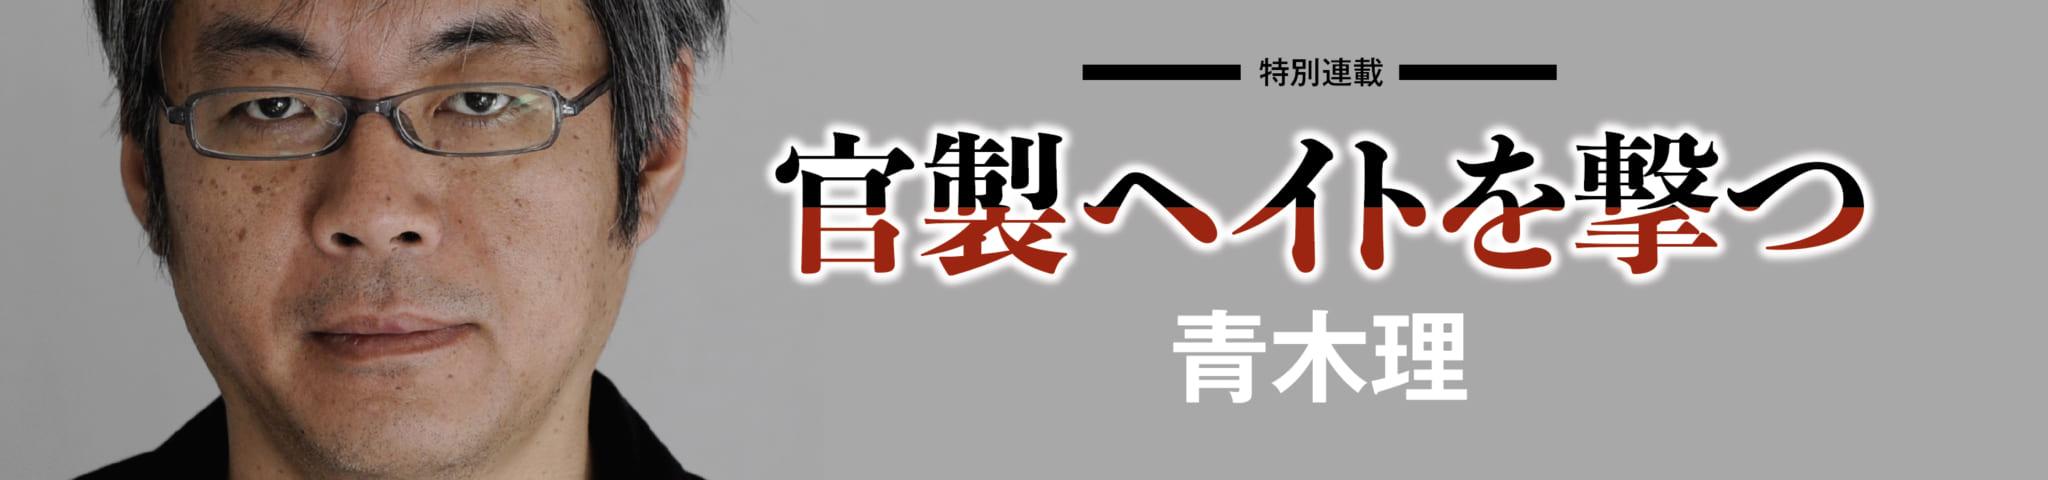 【青木理 特別連載】官製ヘイトを撃つ